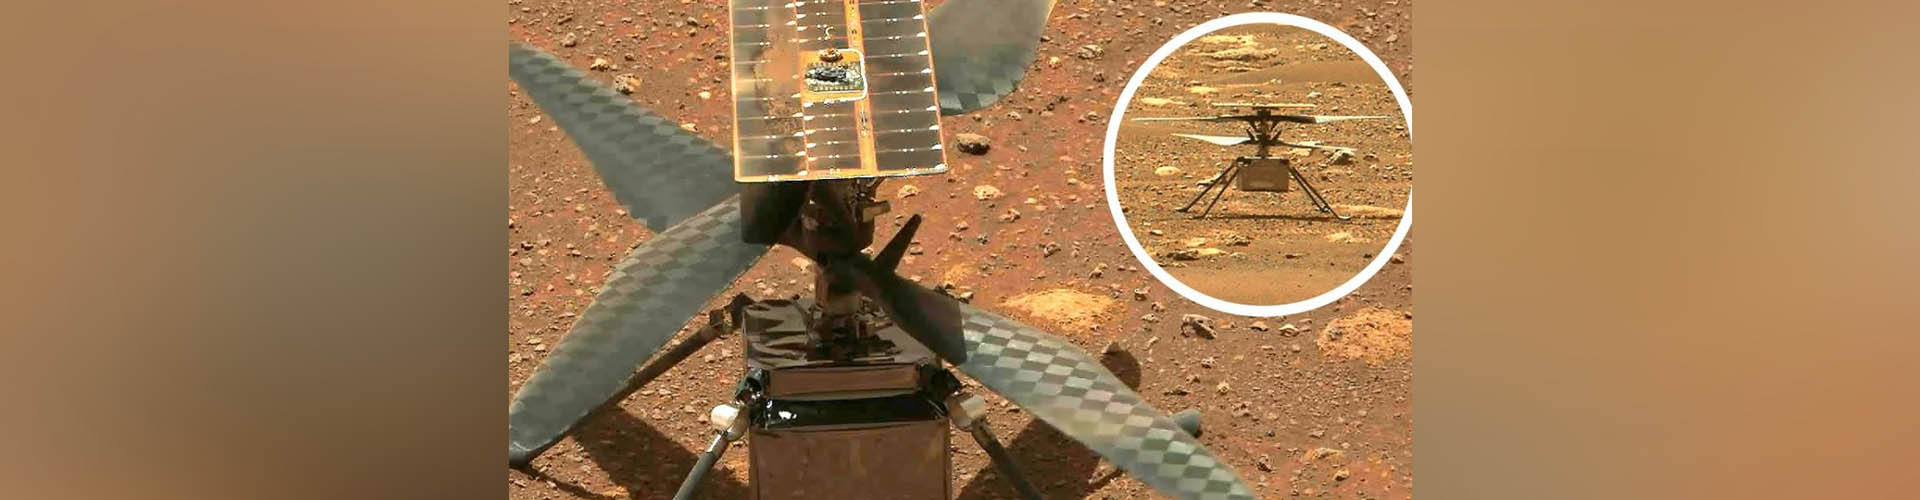 (VIDEO)  Un día histórico: el helicóptero Ingenuity logra volar en Marte